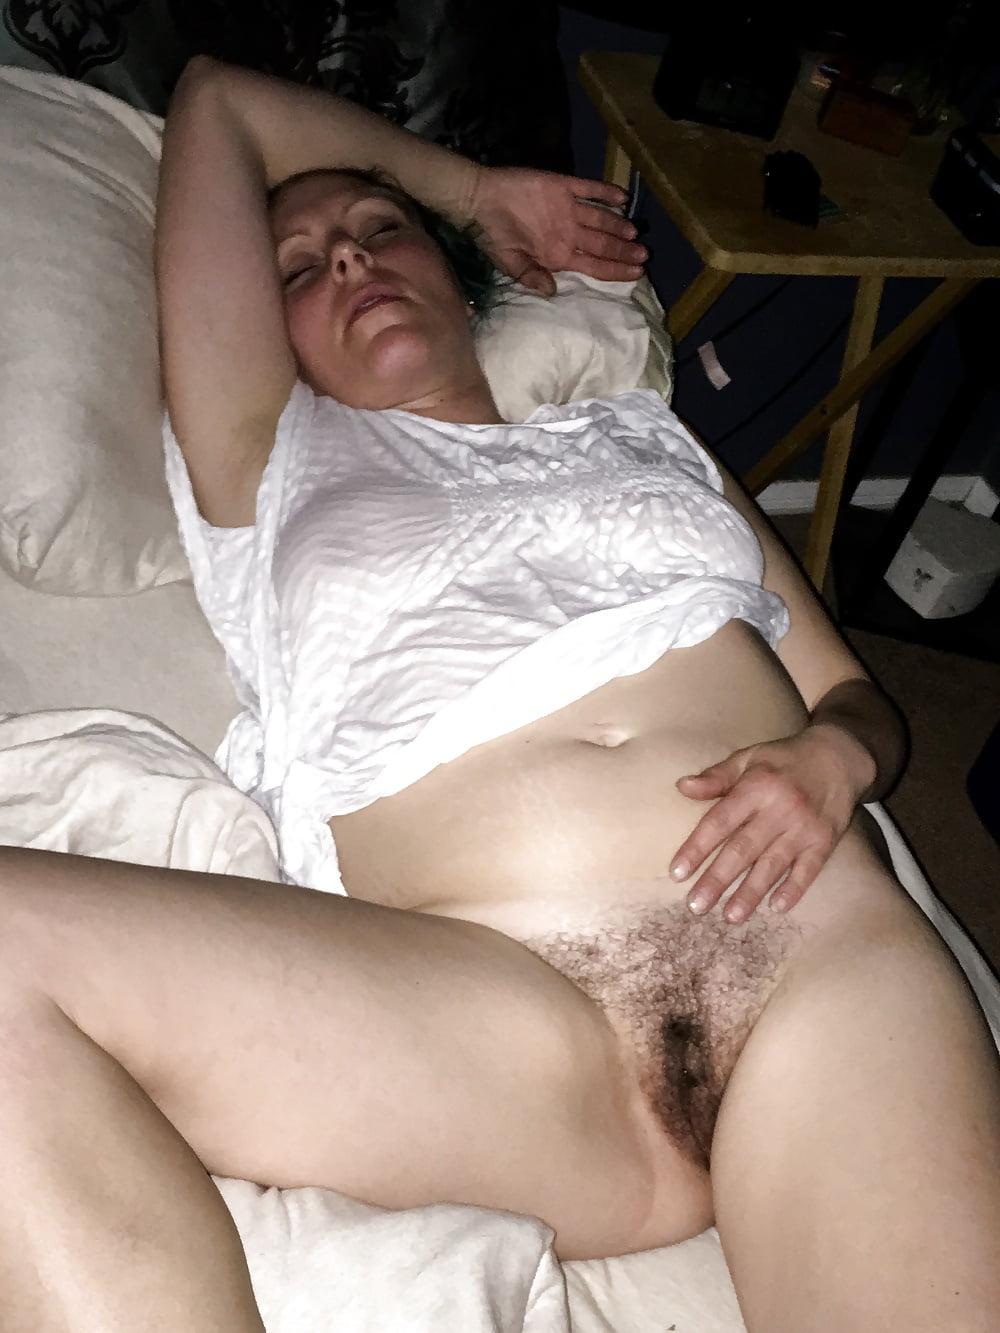 podglyadivaniya-trahnut-sonnuyu-porno-aziatka-prishla-k-ginekologu